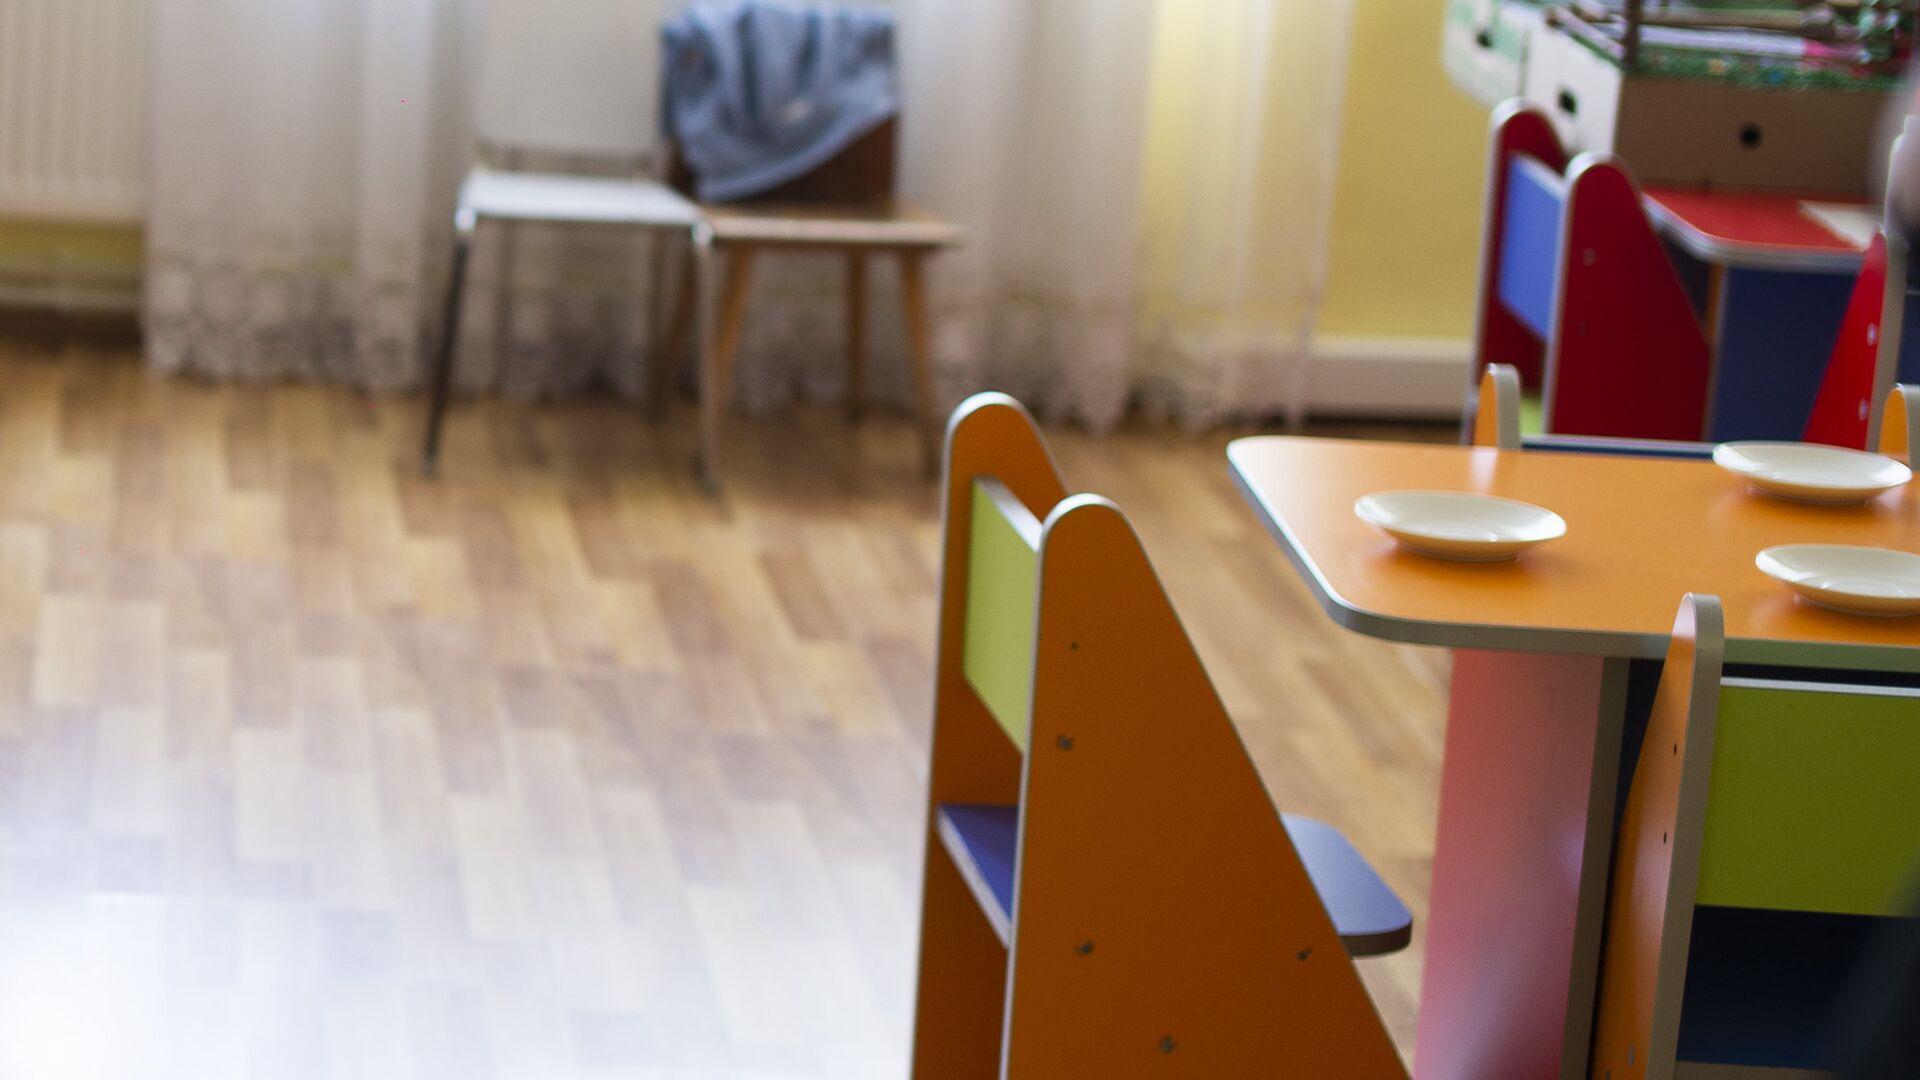 სასადილო ოთახი საბავშვო ბაღში - Sputnik საქართველო, 1920, 15.09.2021